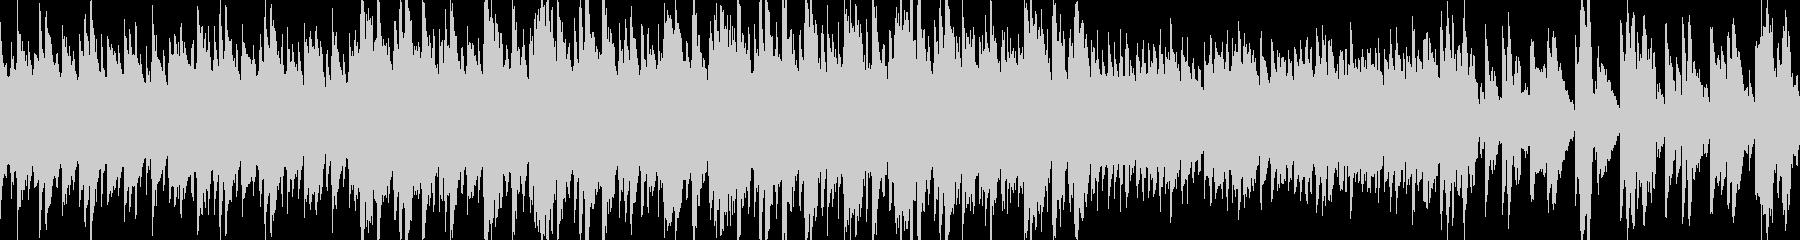 優しい音のポップで愉快なループBGMの未再生の波形